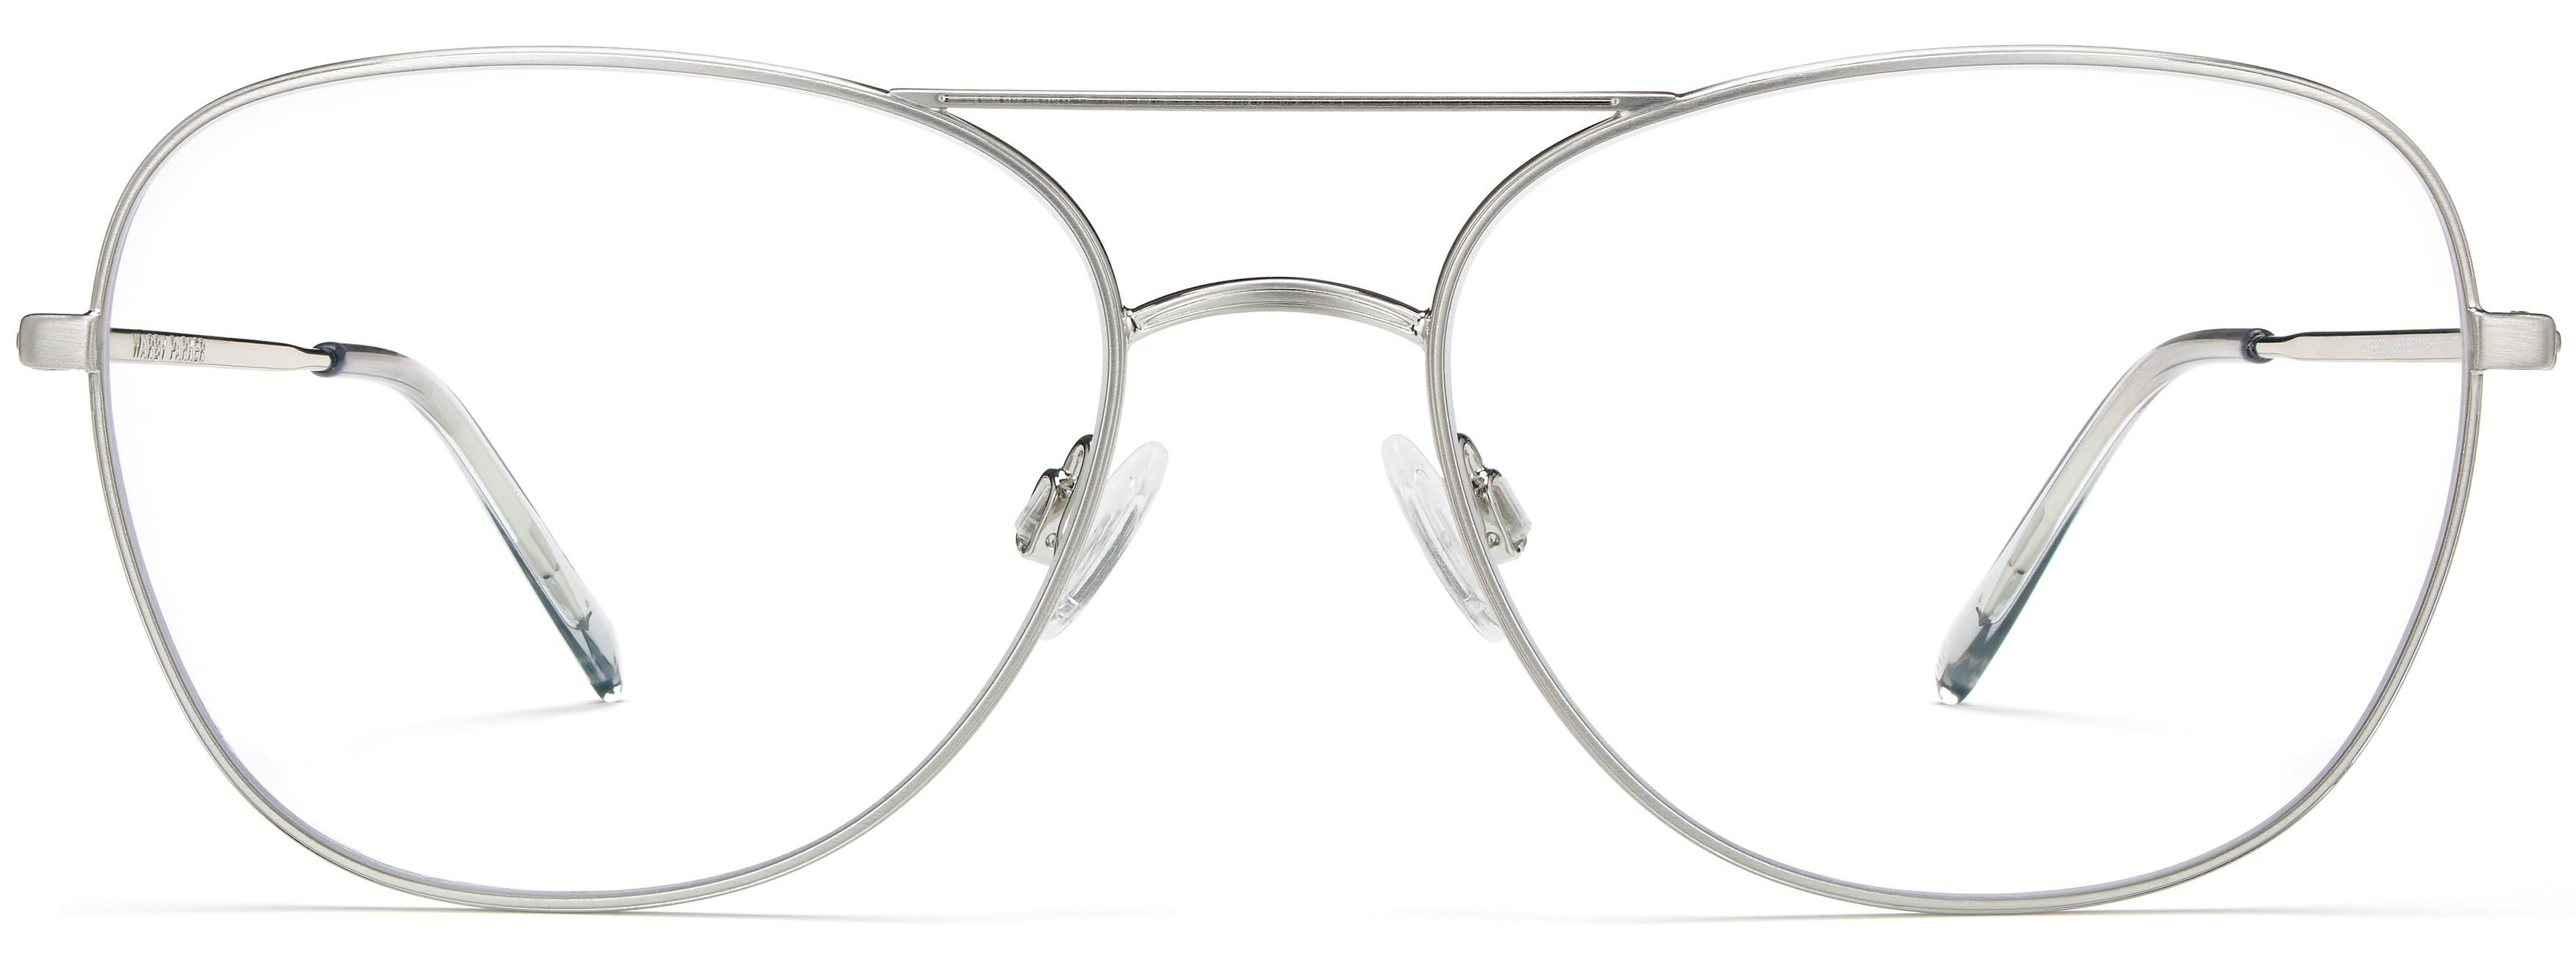 9b8ede277 Men's Eyeglasses | Warby Parker